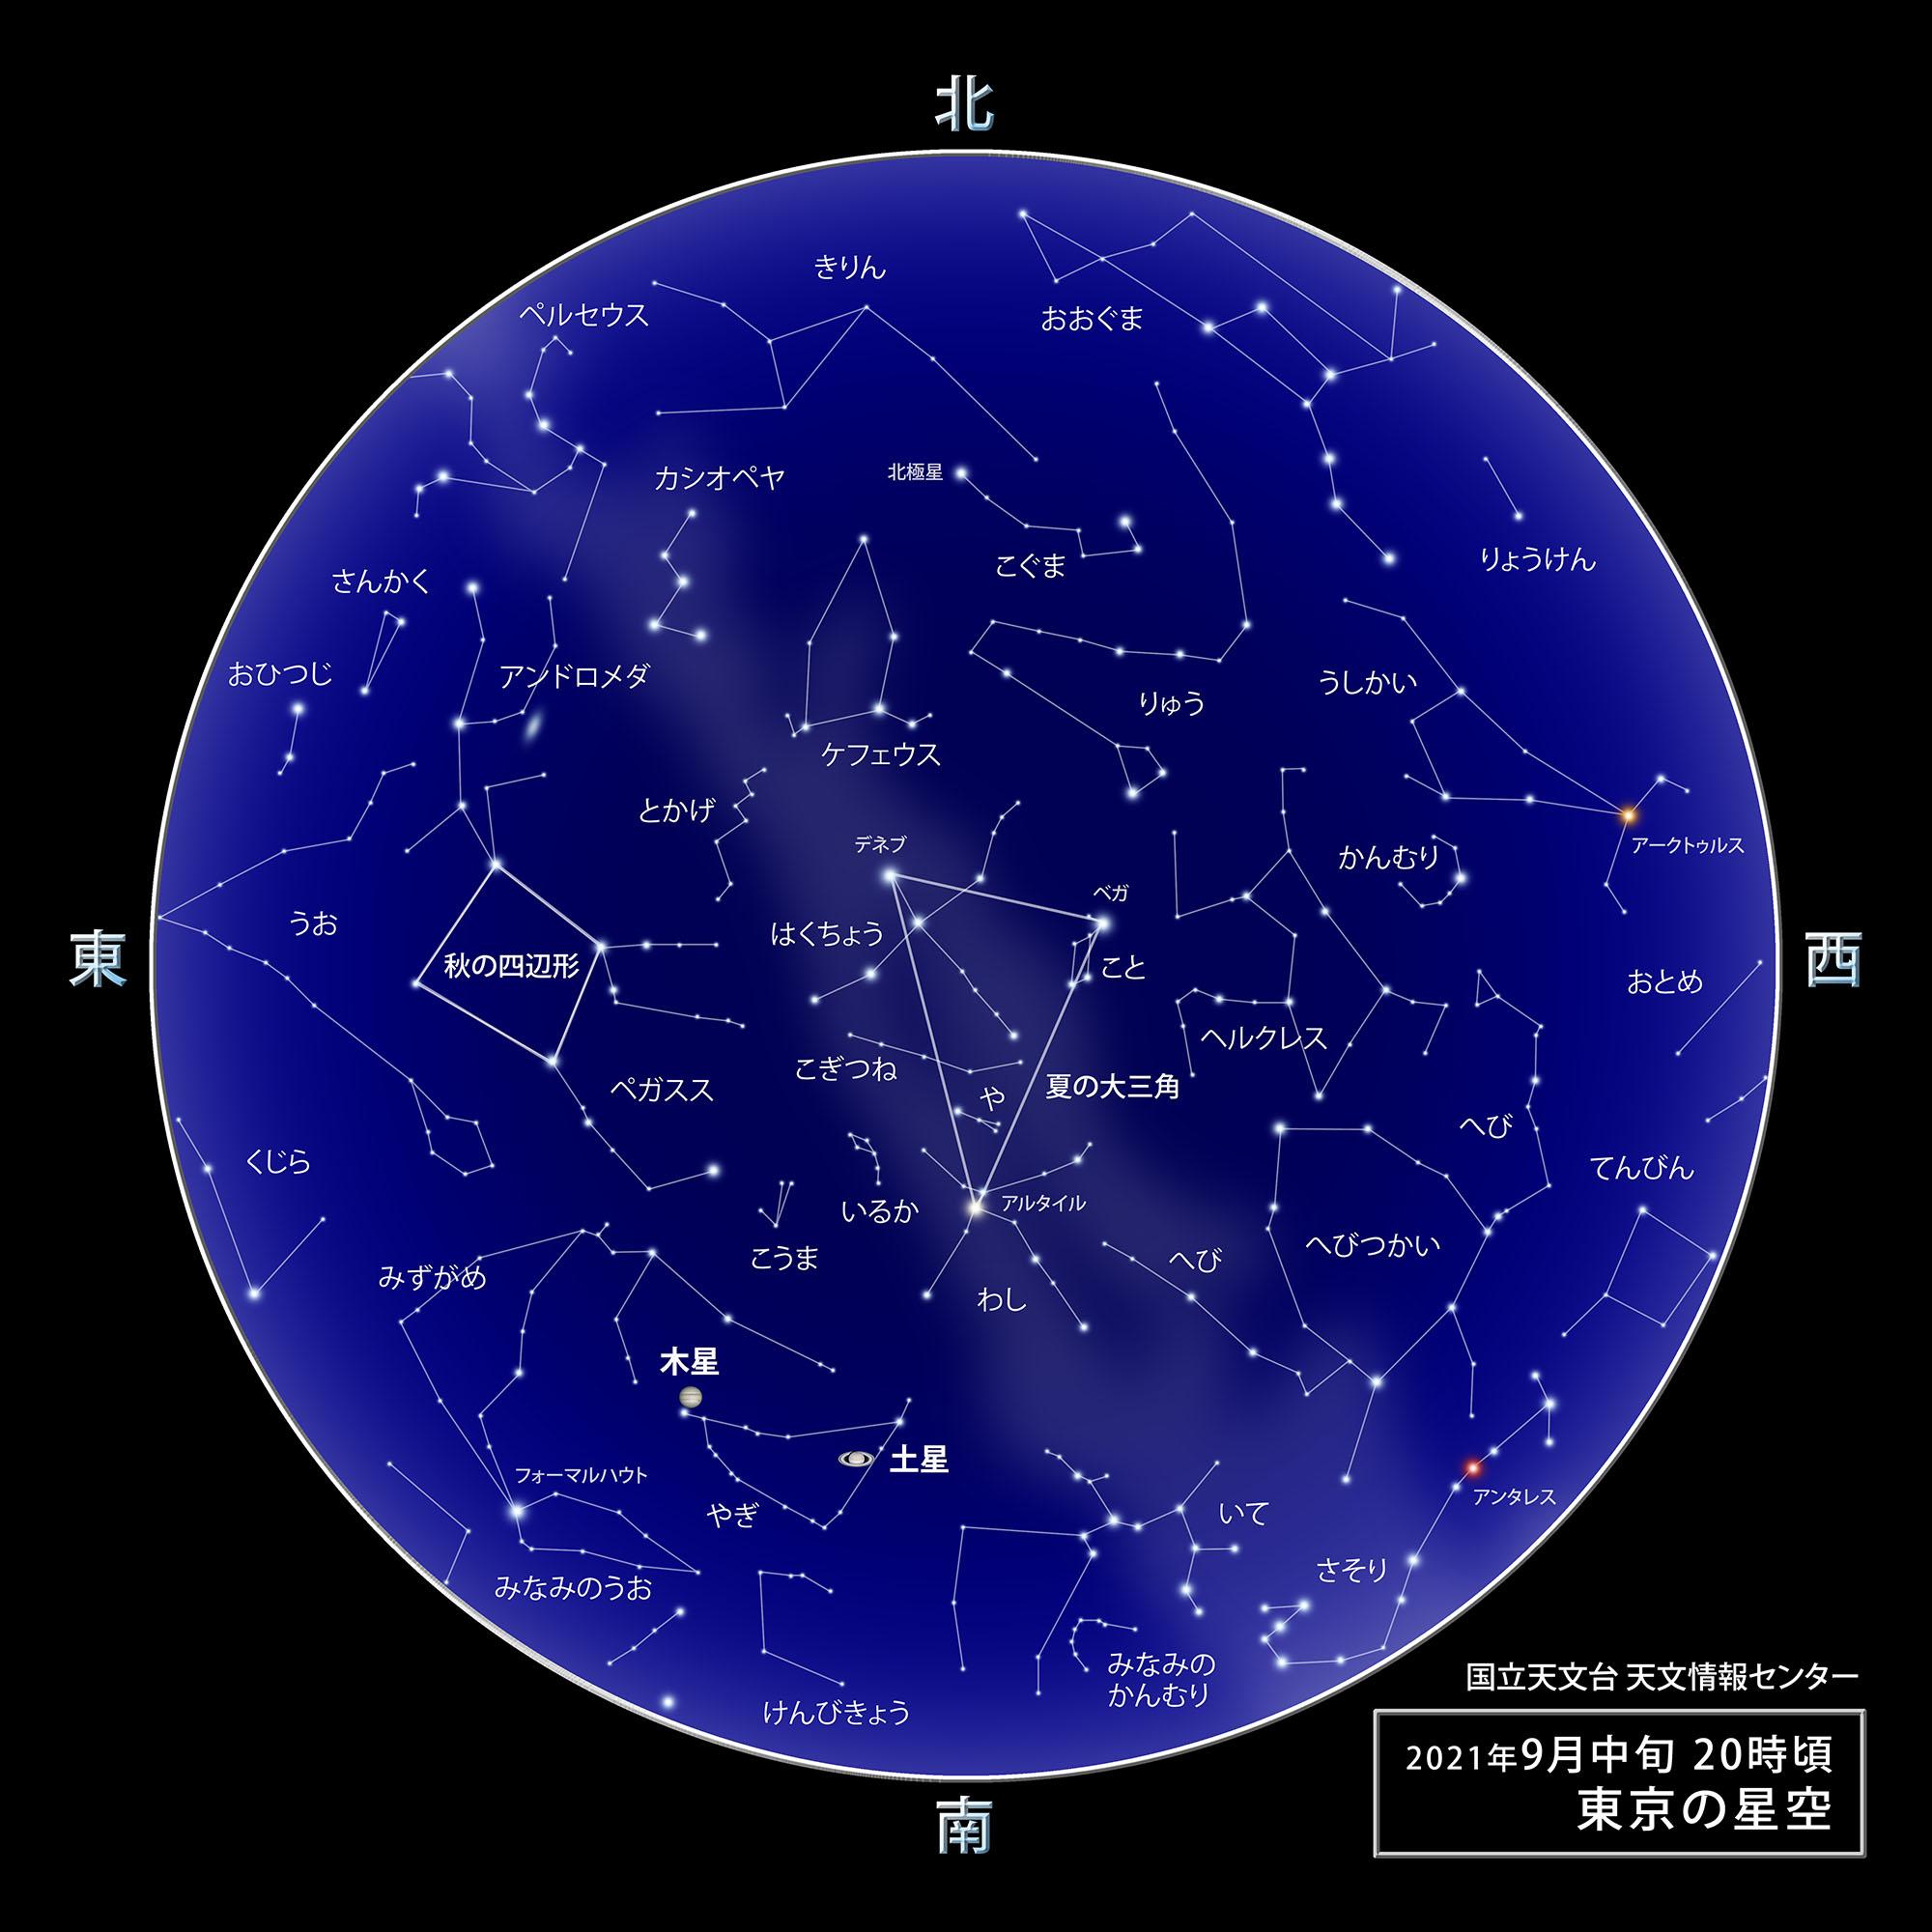 東京の星空・カレンダー・惑星(2021年9月) | 国立天文台(NAOJ)